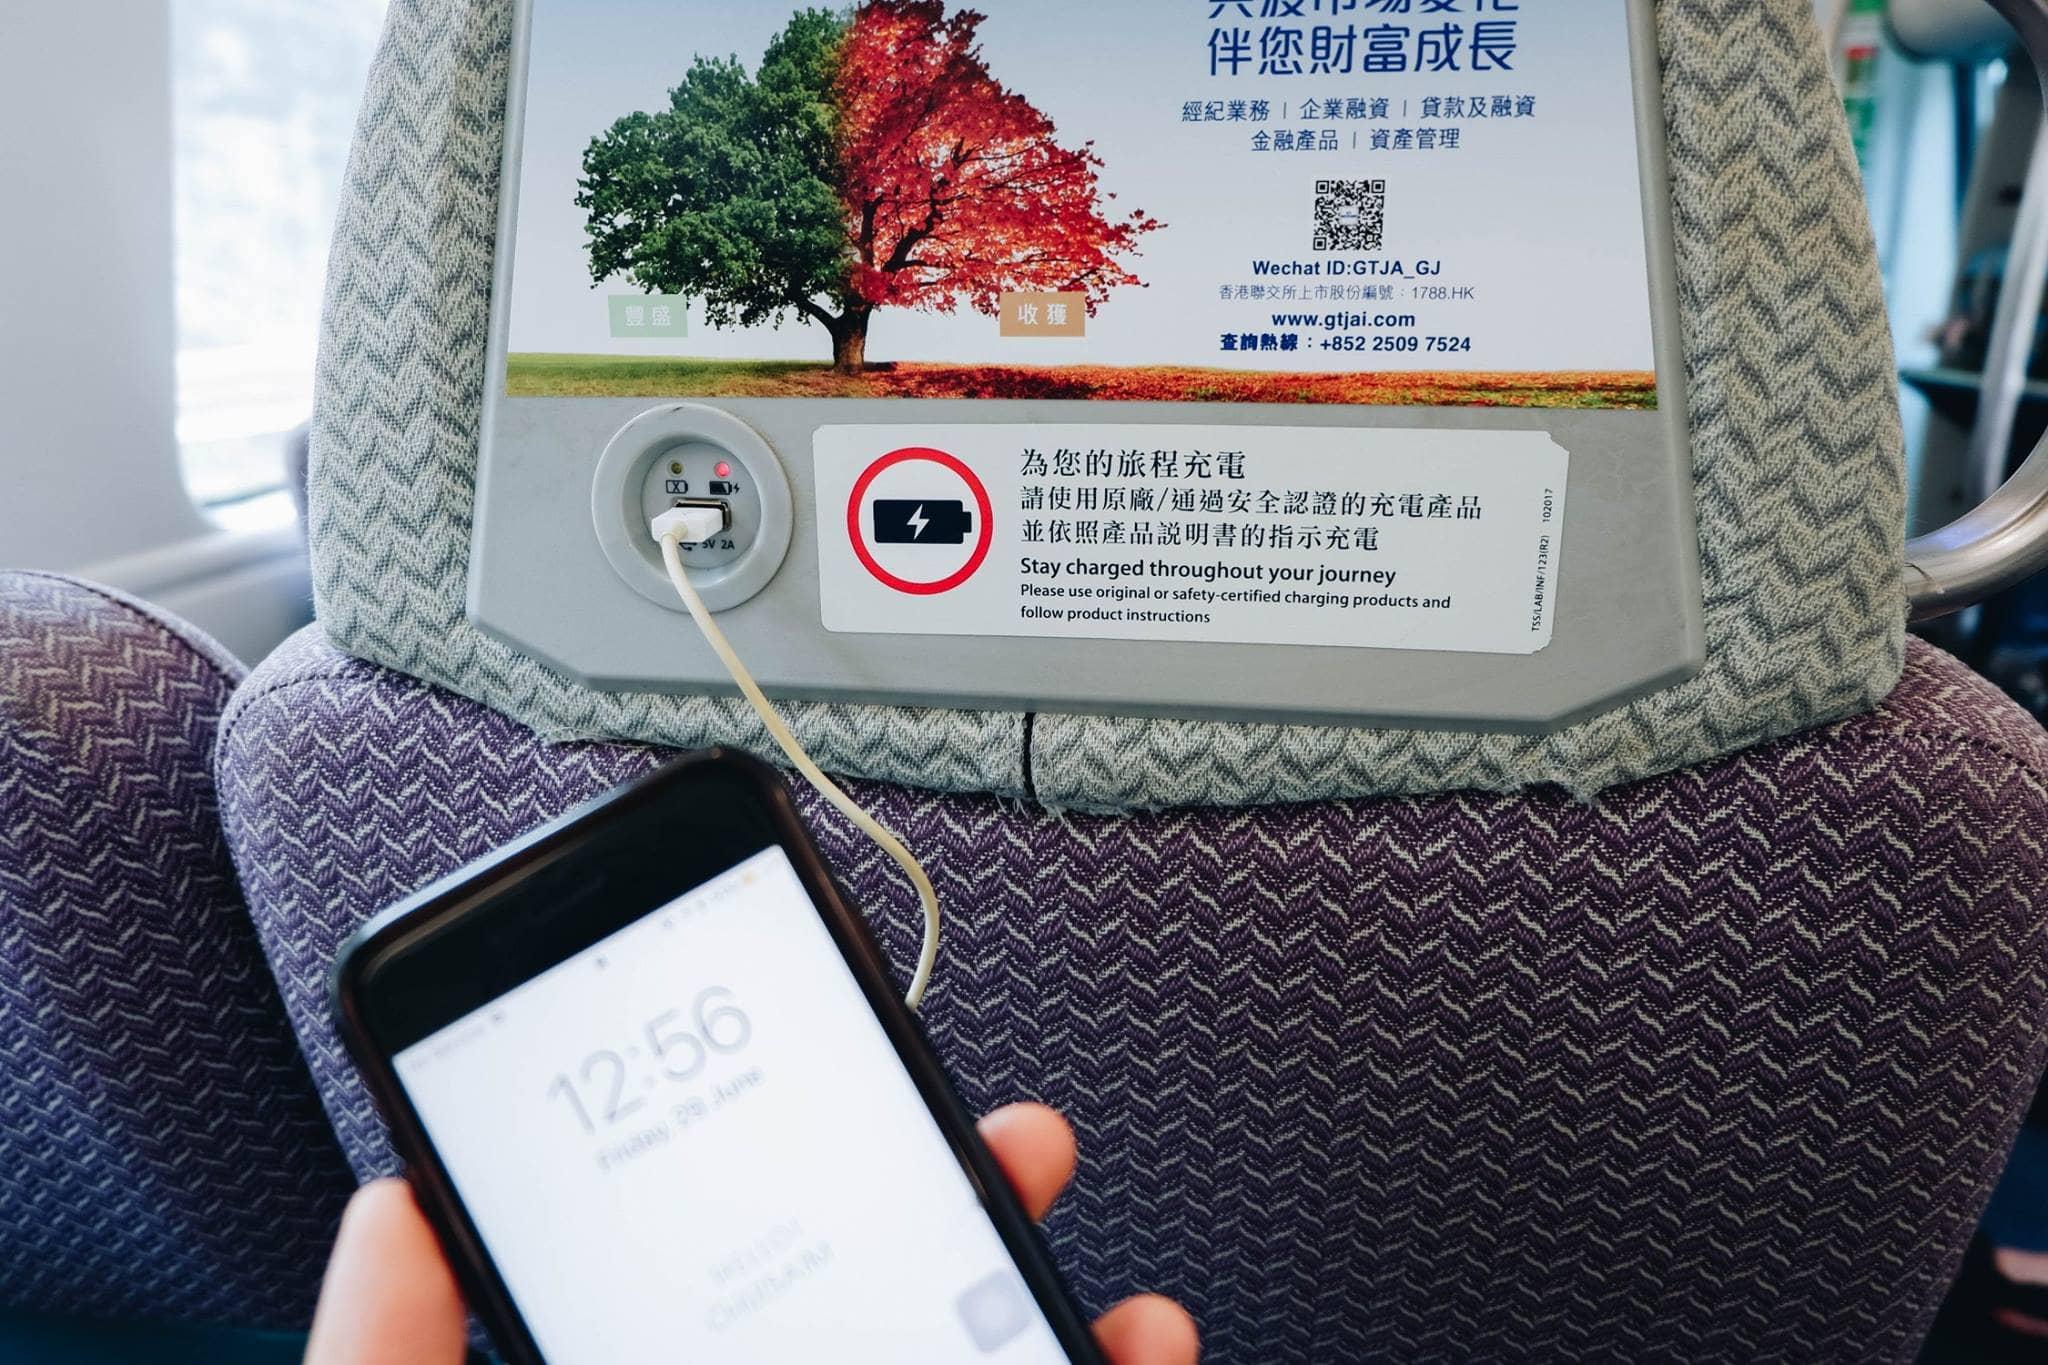 sạc điện thoại trên tàu tốc hành hong kong